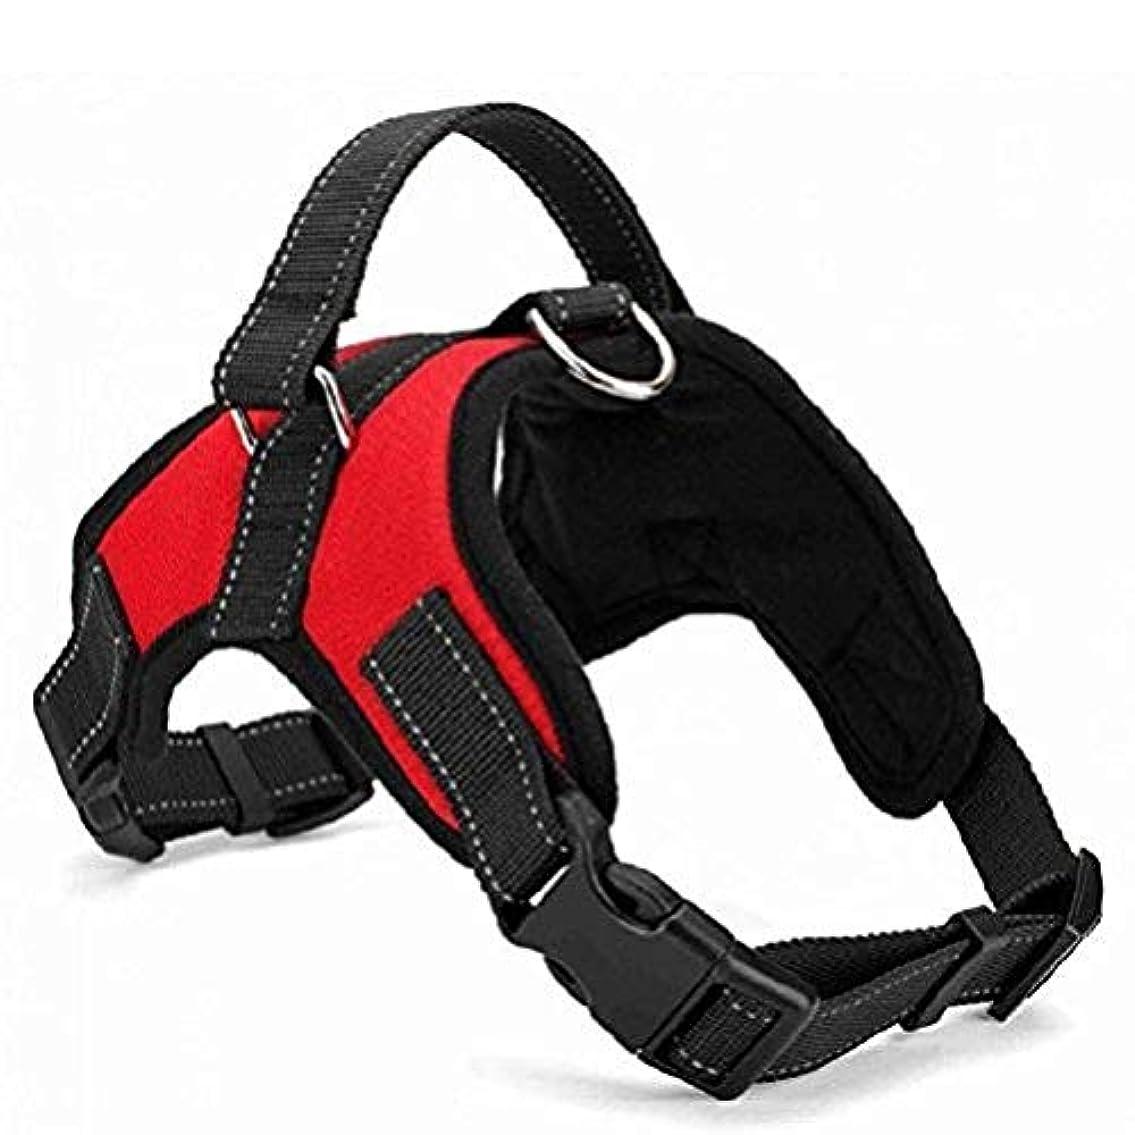 おもしろいユーザー飢えFlymylion 犬用 ハーネス ペット 胴輪 引っ張り防止 愛犬の咳き込み軽減に ポリエステル製 小型犬 中型犬 (M, レッド)